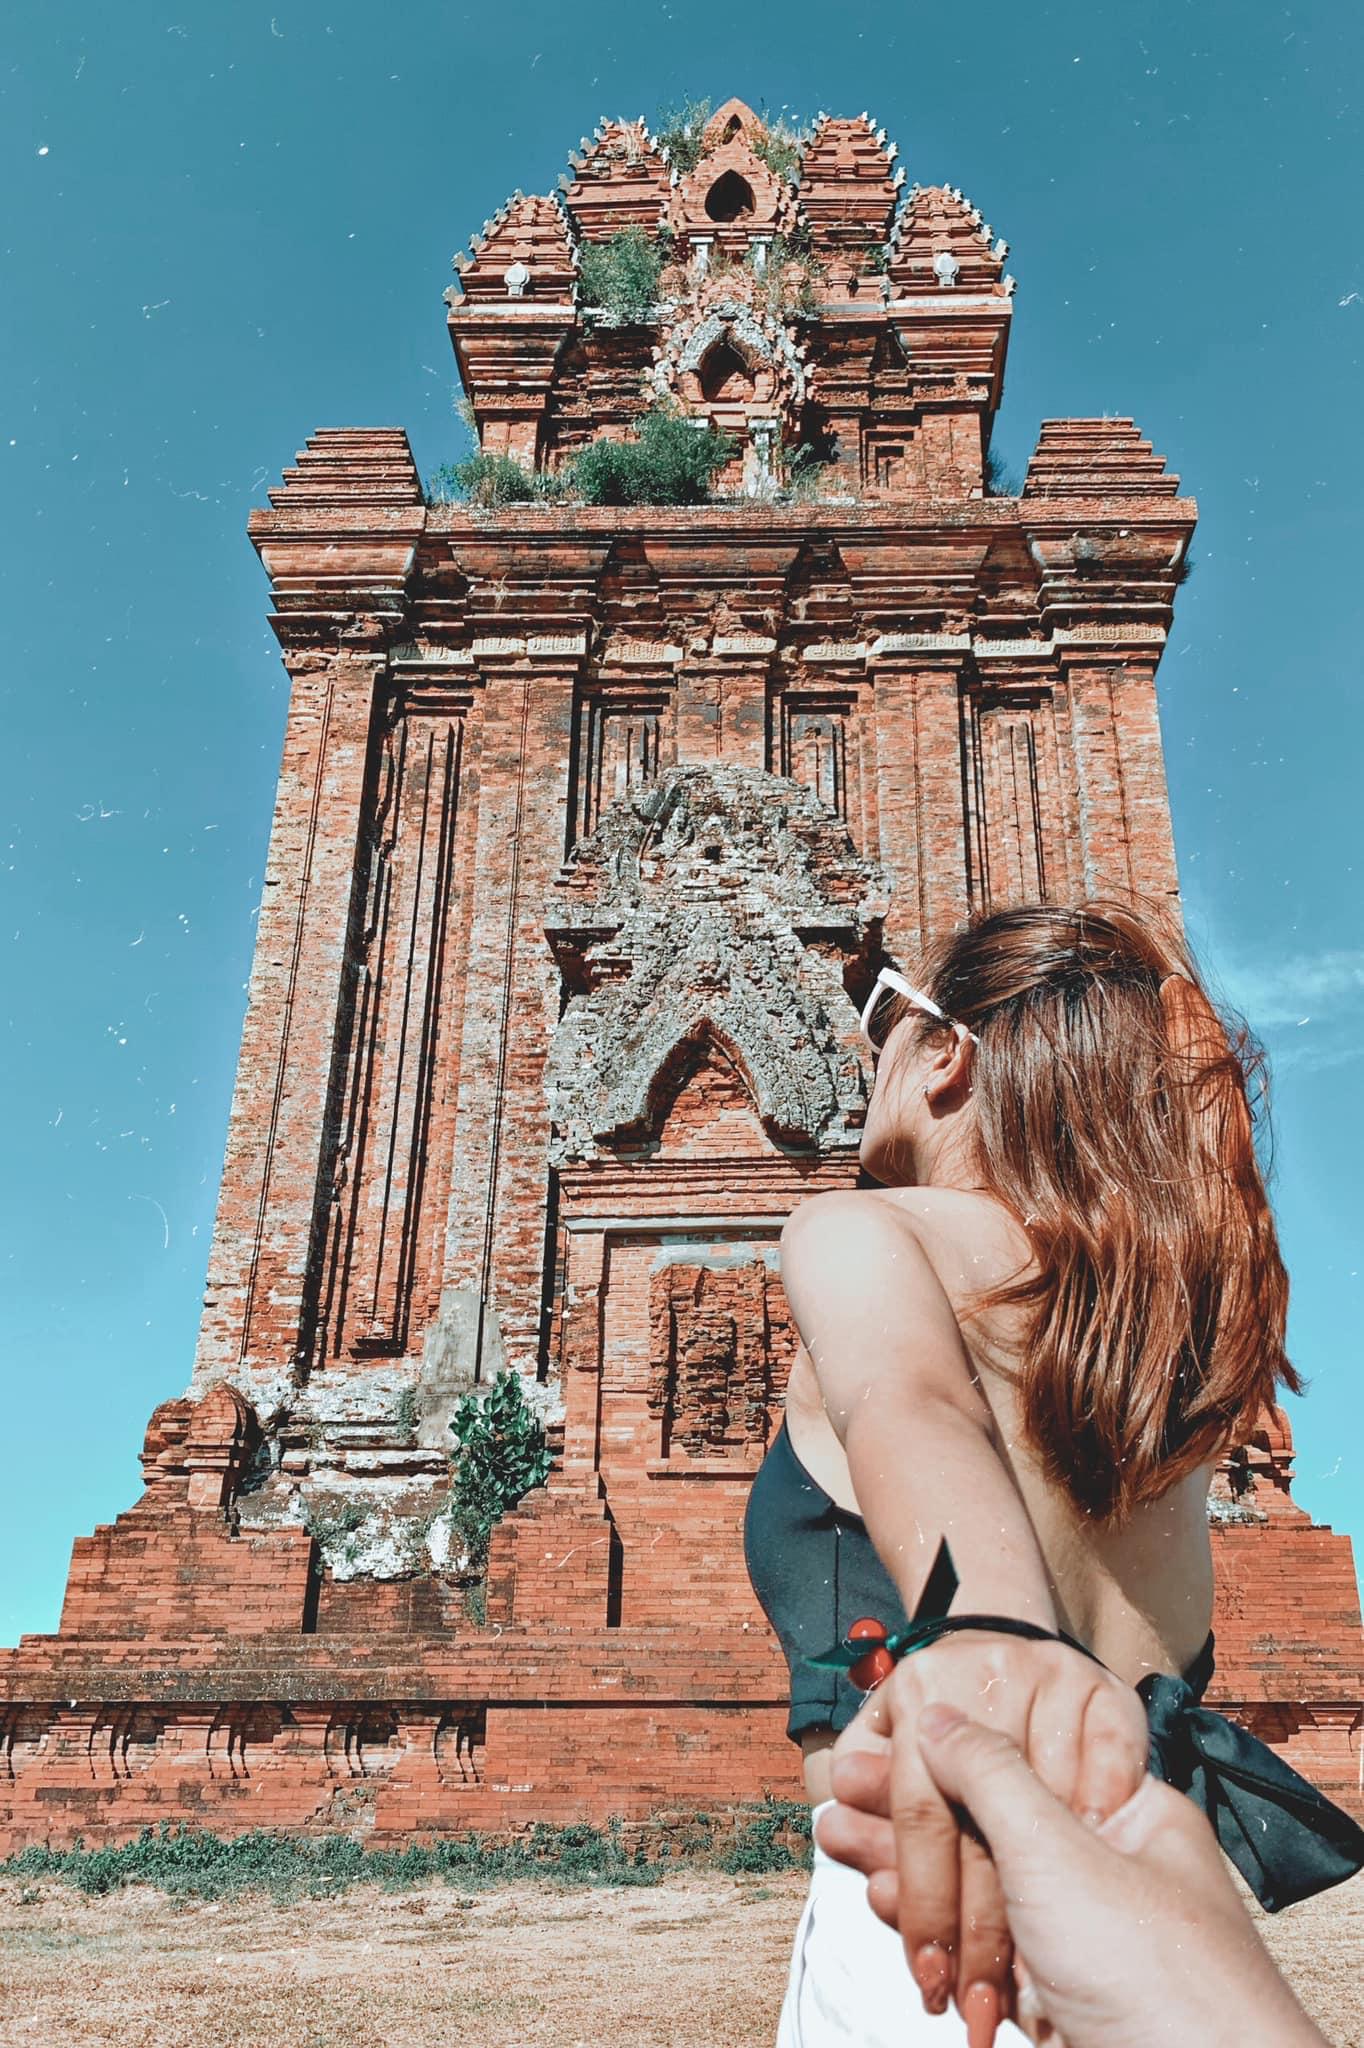 Chuyến du lịch  thành phố Quy Nhơn xinh đẹp